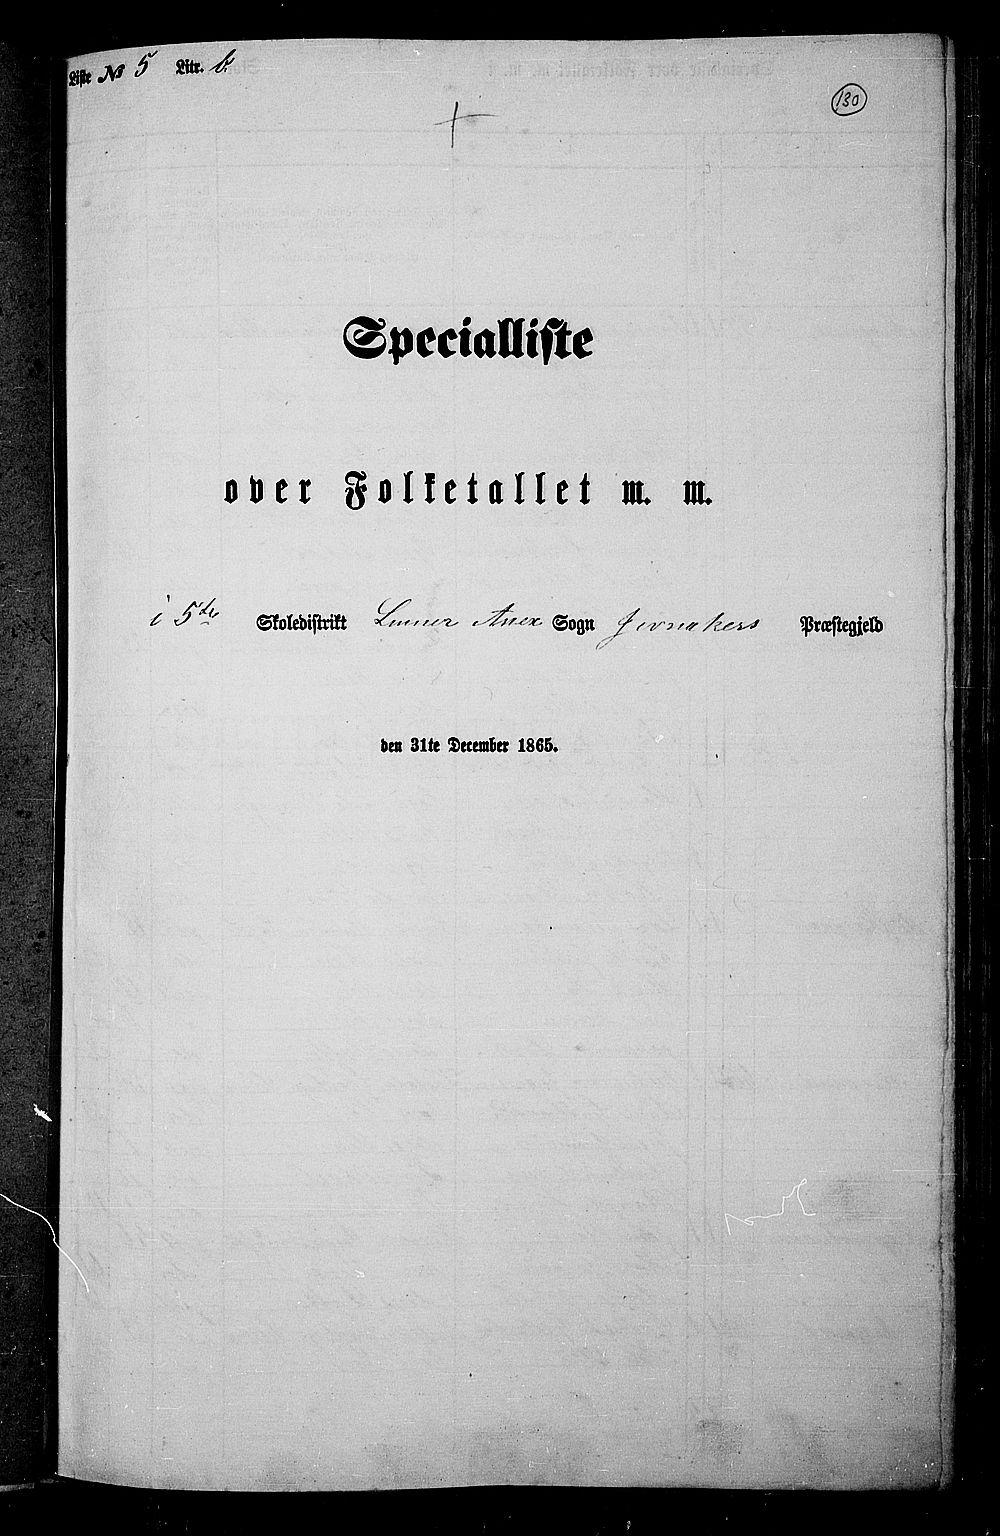 RA, Folketelling 1865 for 0532P Jevnaker prestegjeld, 1865, s. 124